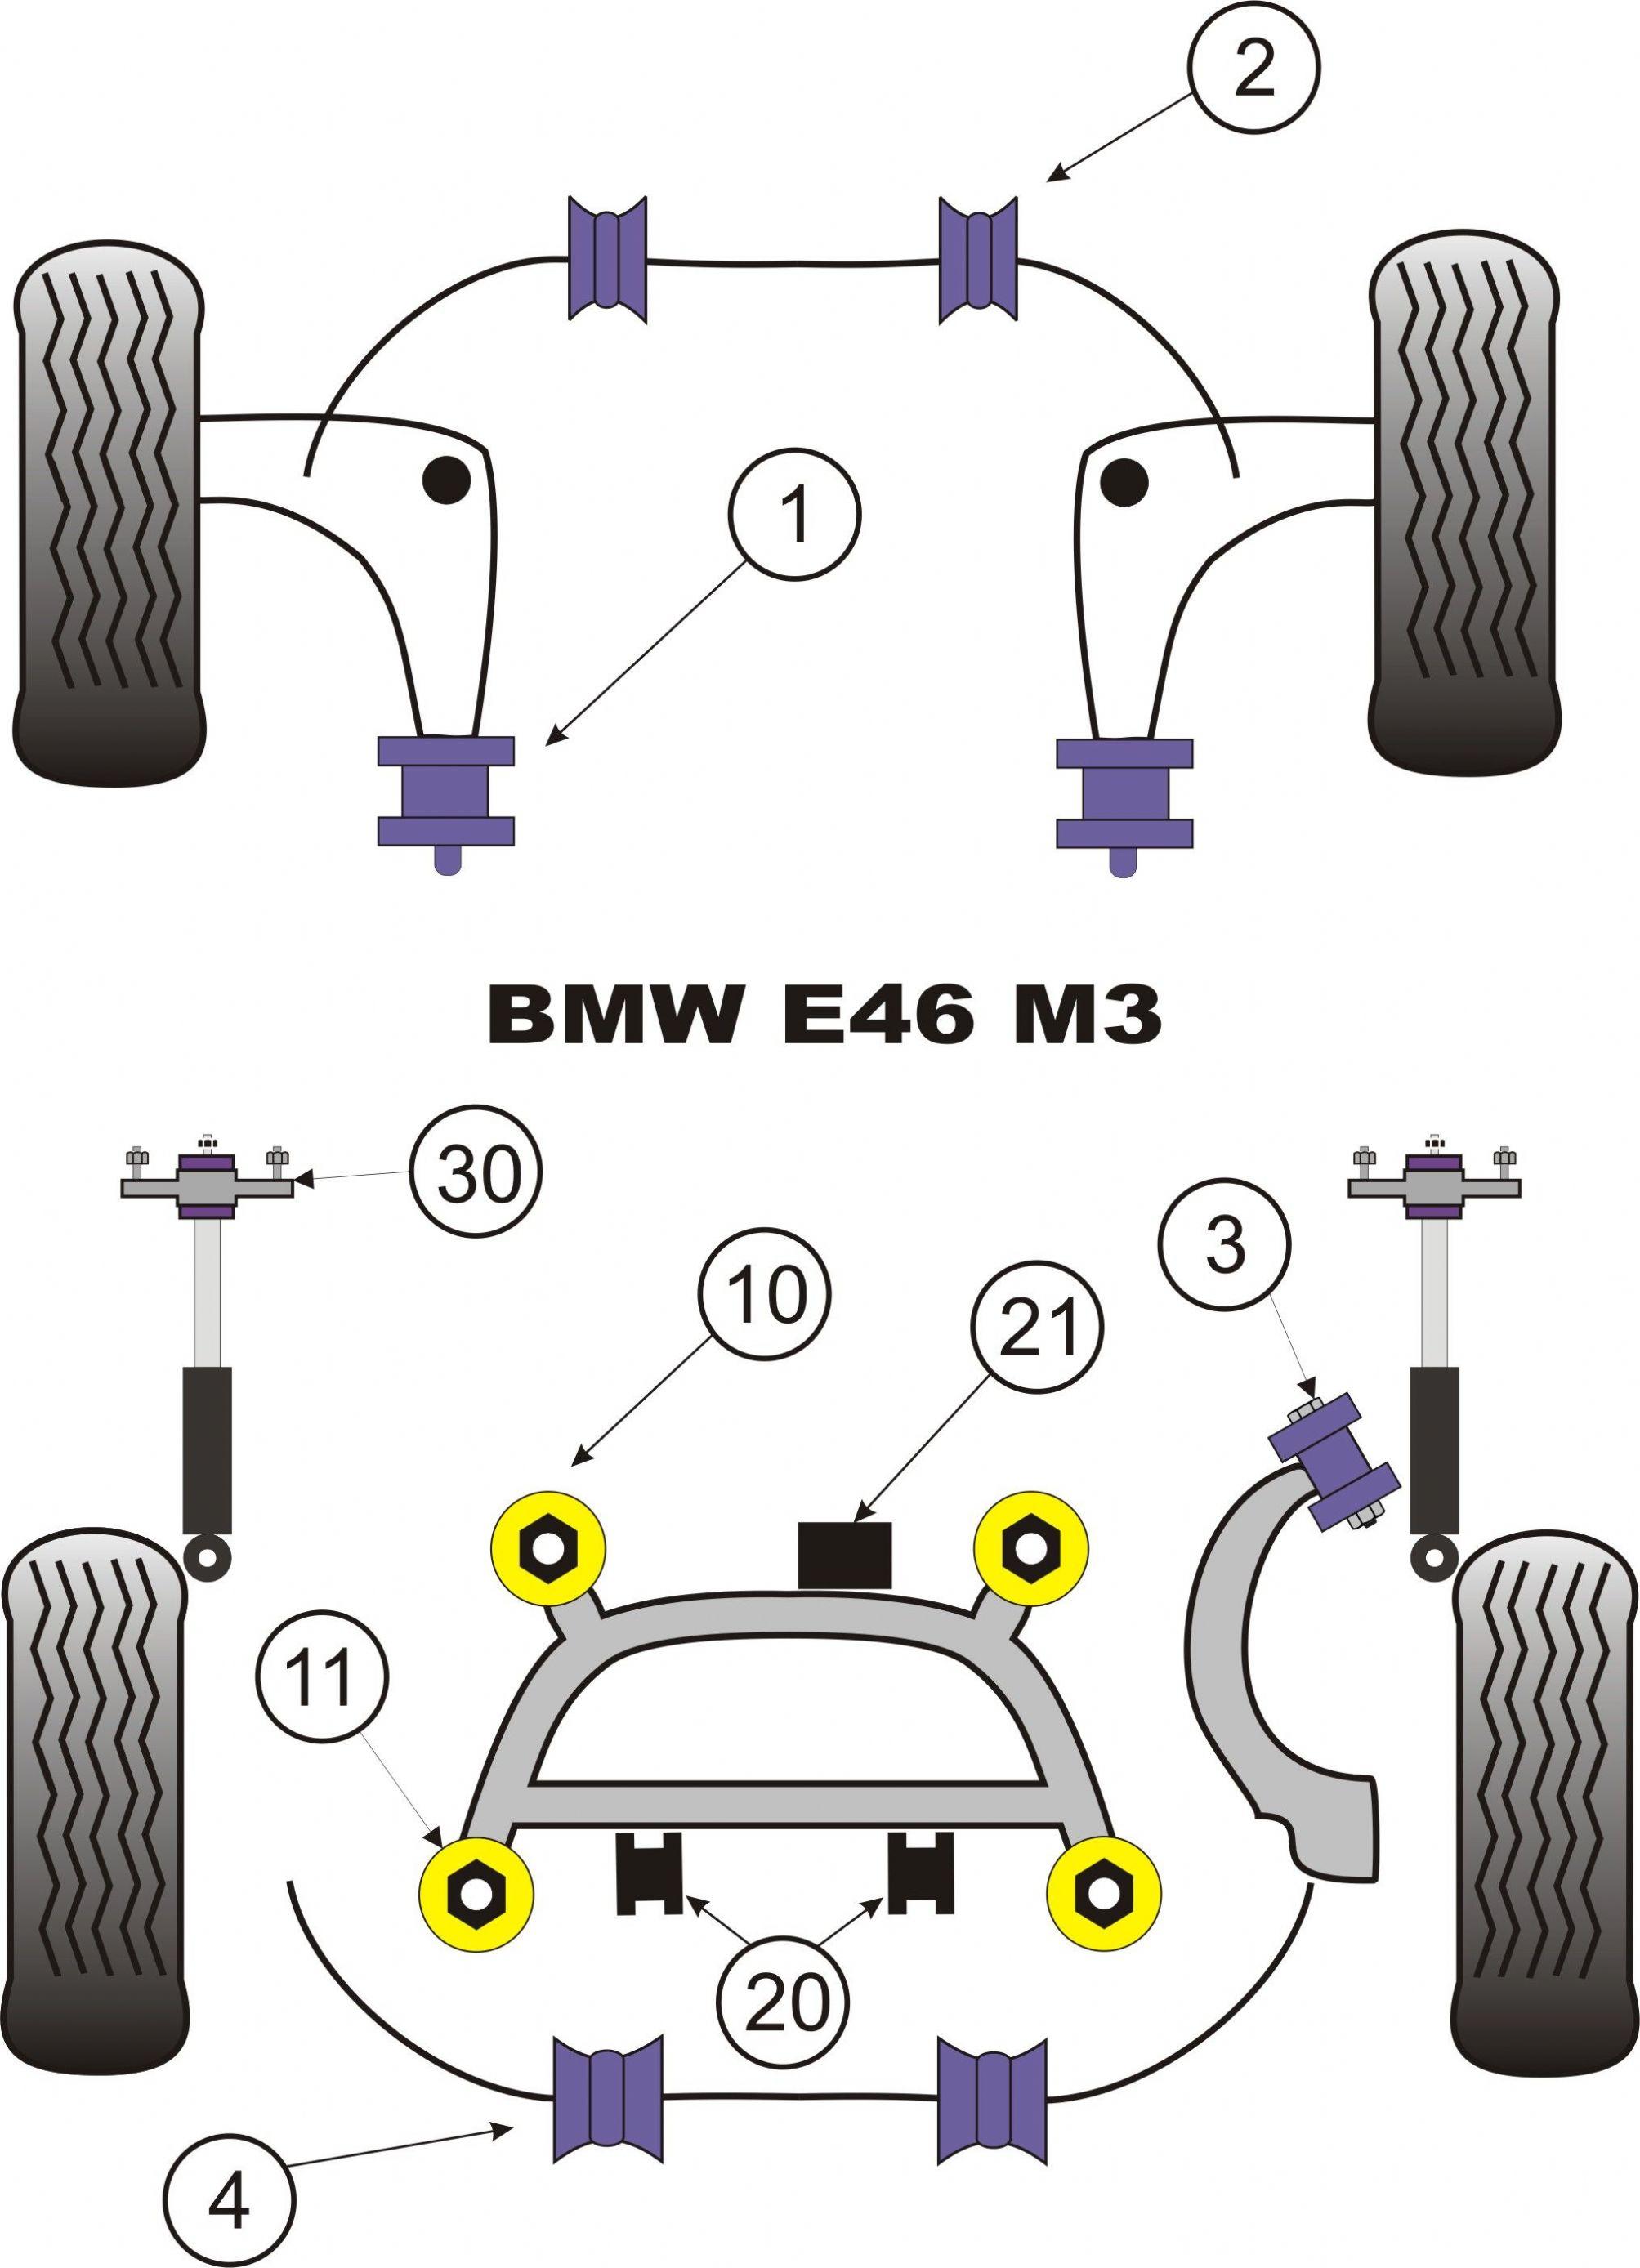 Powerflex Rear Shocker Top Mount Bracket & Bush 12mm BMW M3 E46 x2 Bushes  Car Kit PFR5-5630-12